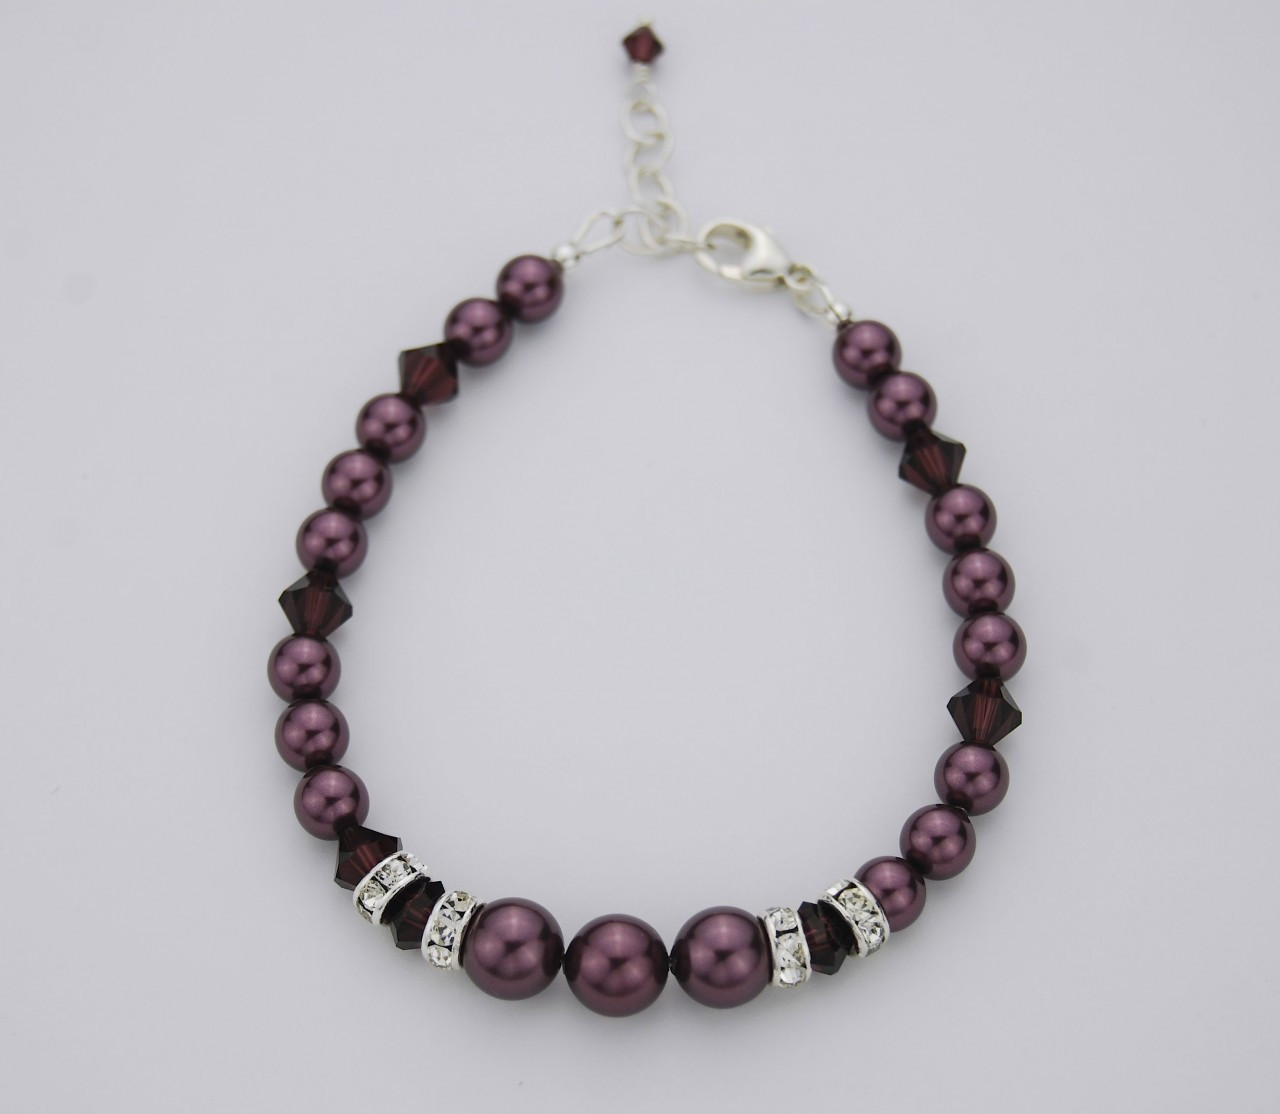 c72138ef5ee508 Swarovski crystal pearl bracelet - SMH Jewelry